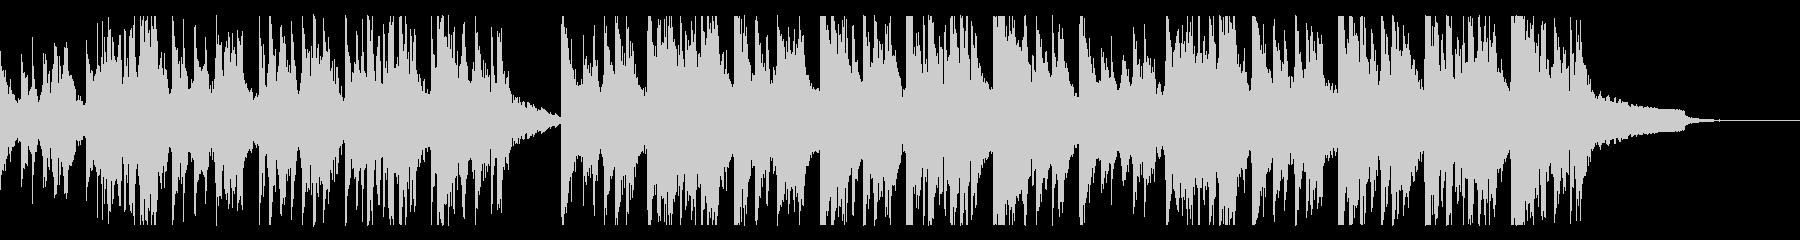 ホラーなピアノアレンジの「かごめかごめ」の未再生の波形